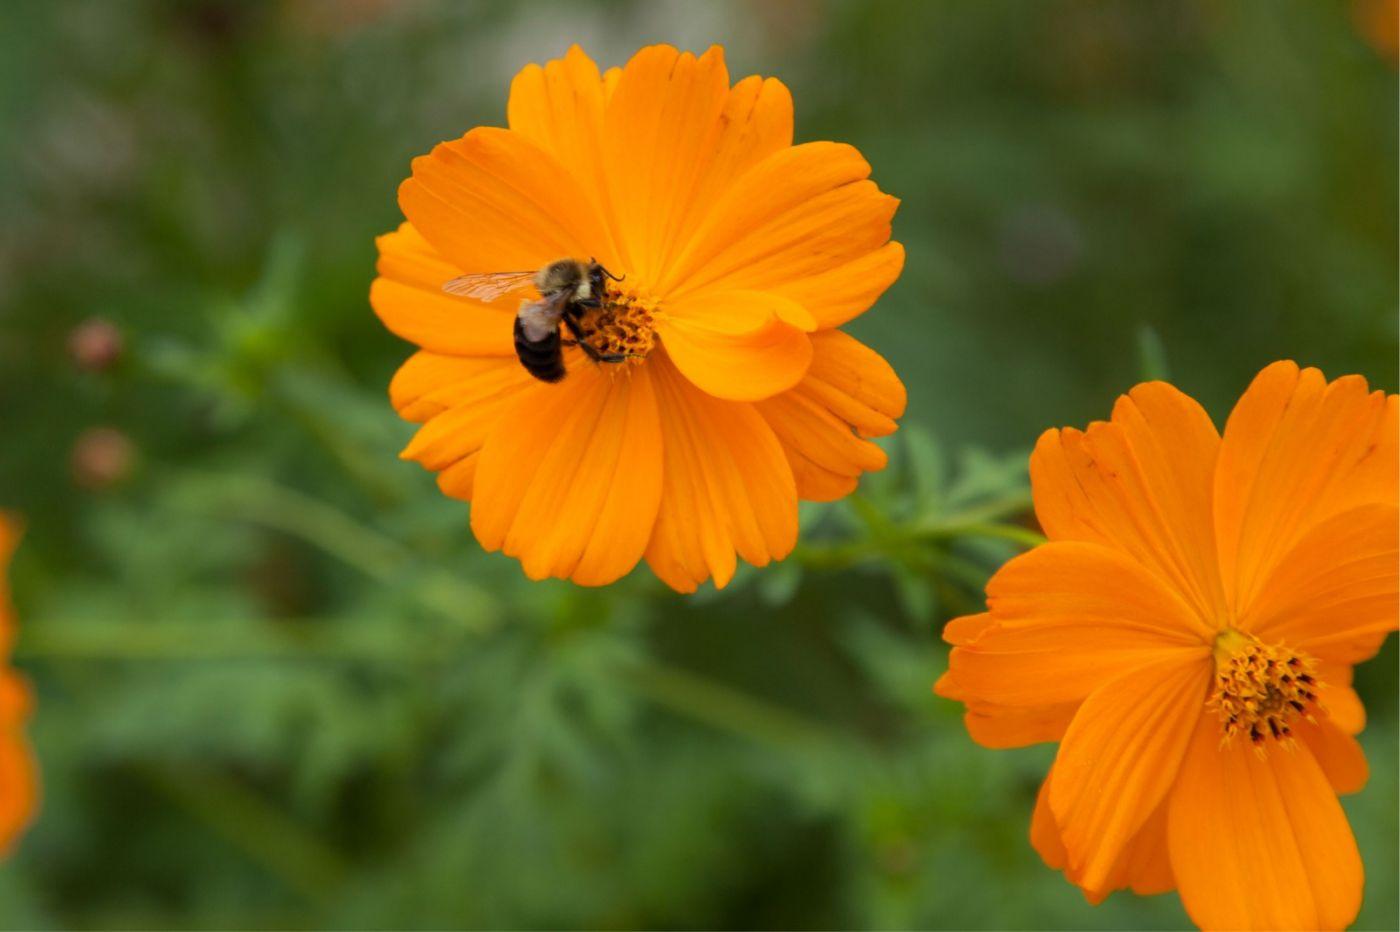 蜂在花丛中_图1-6